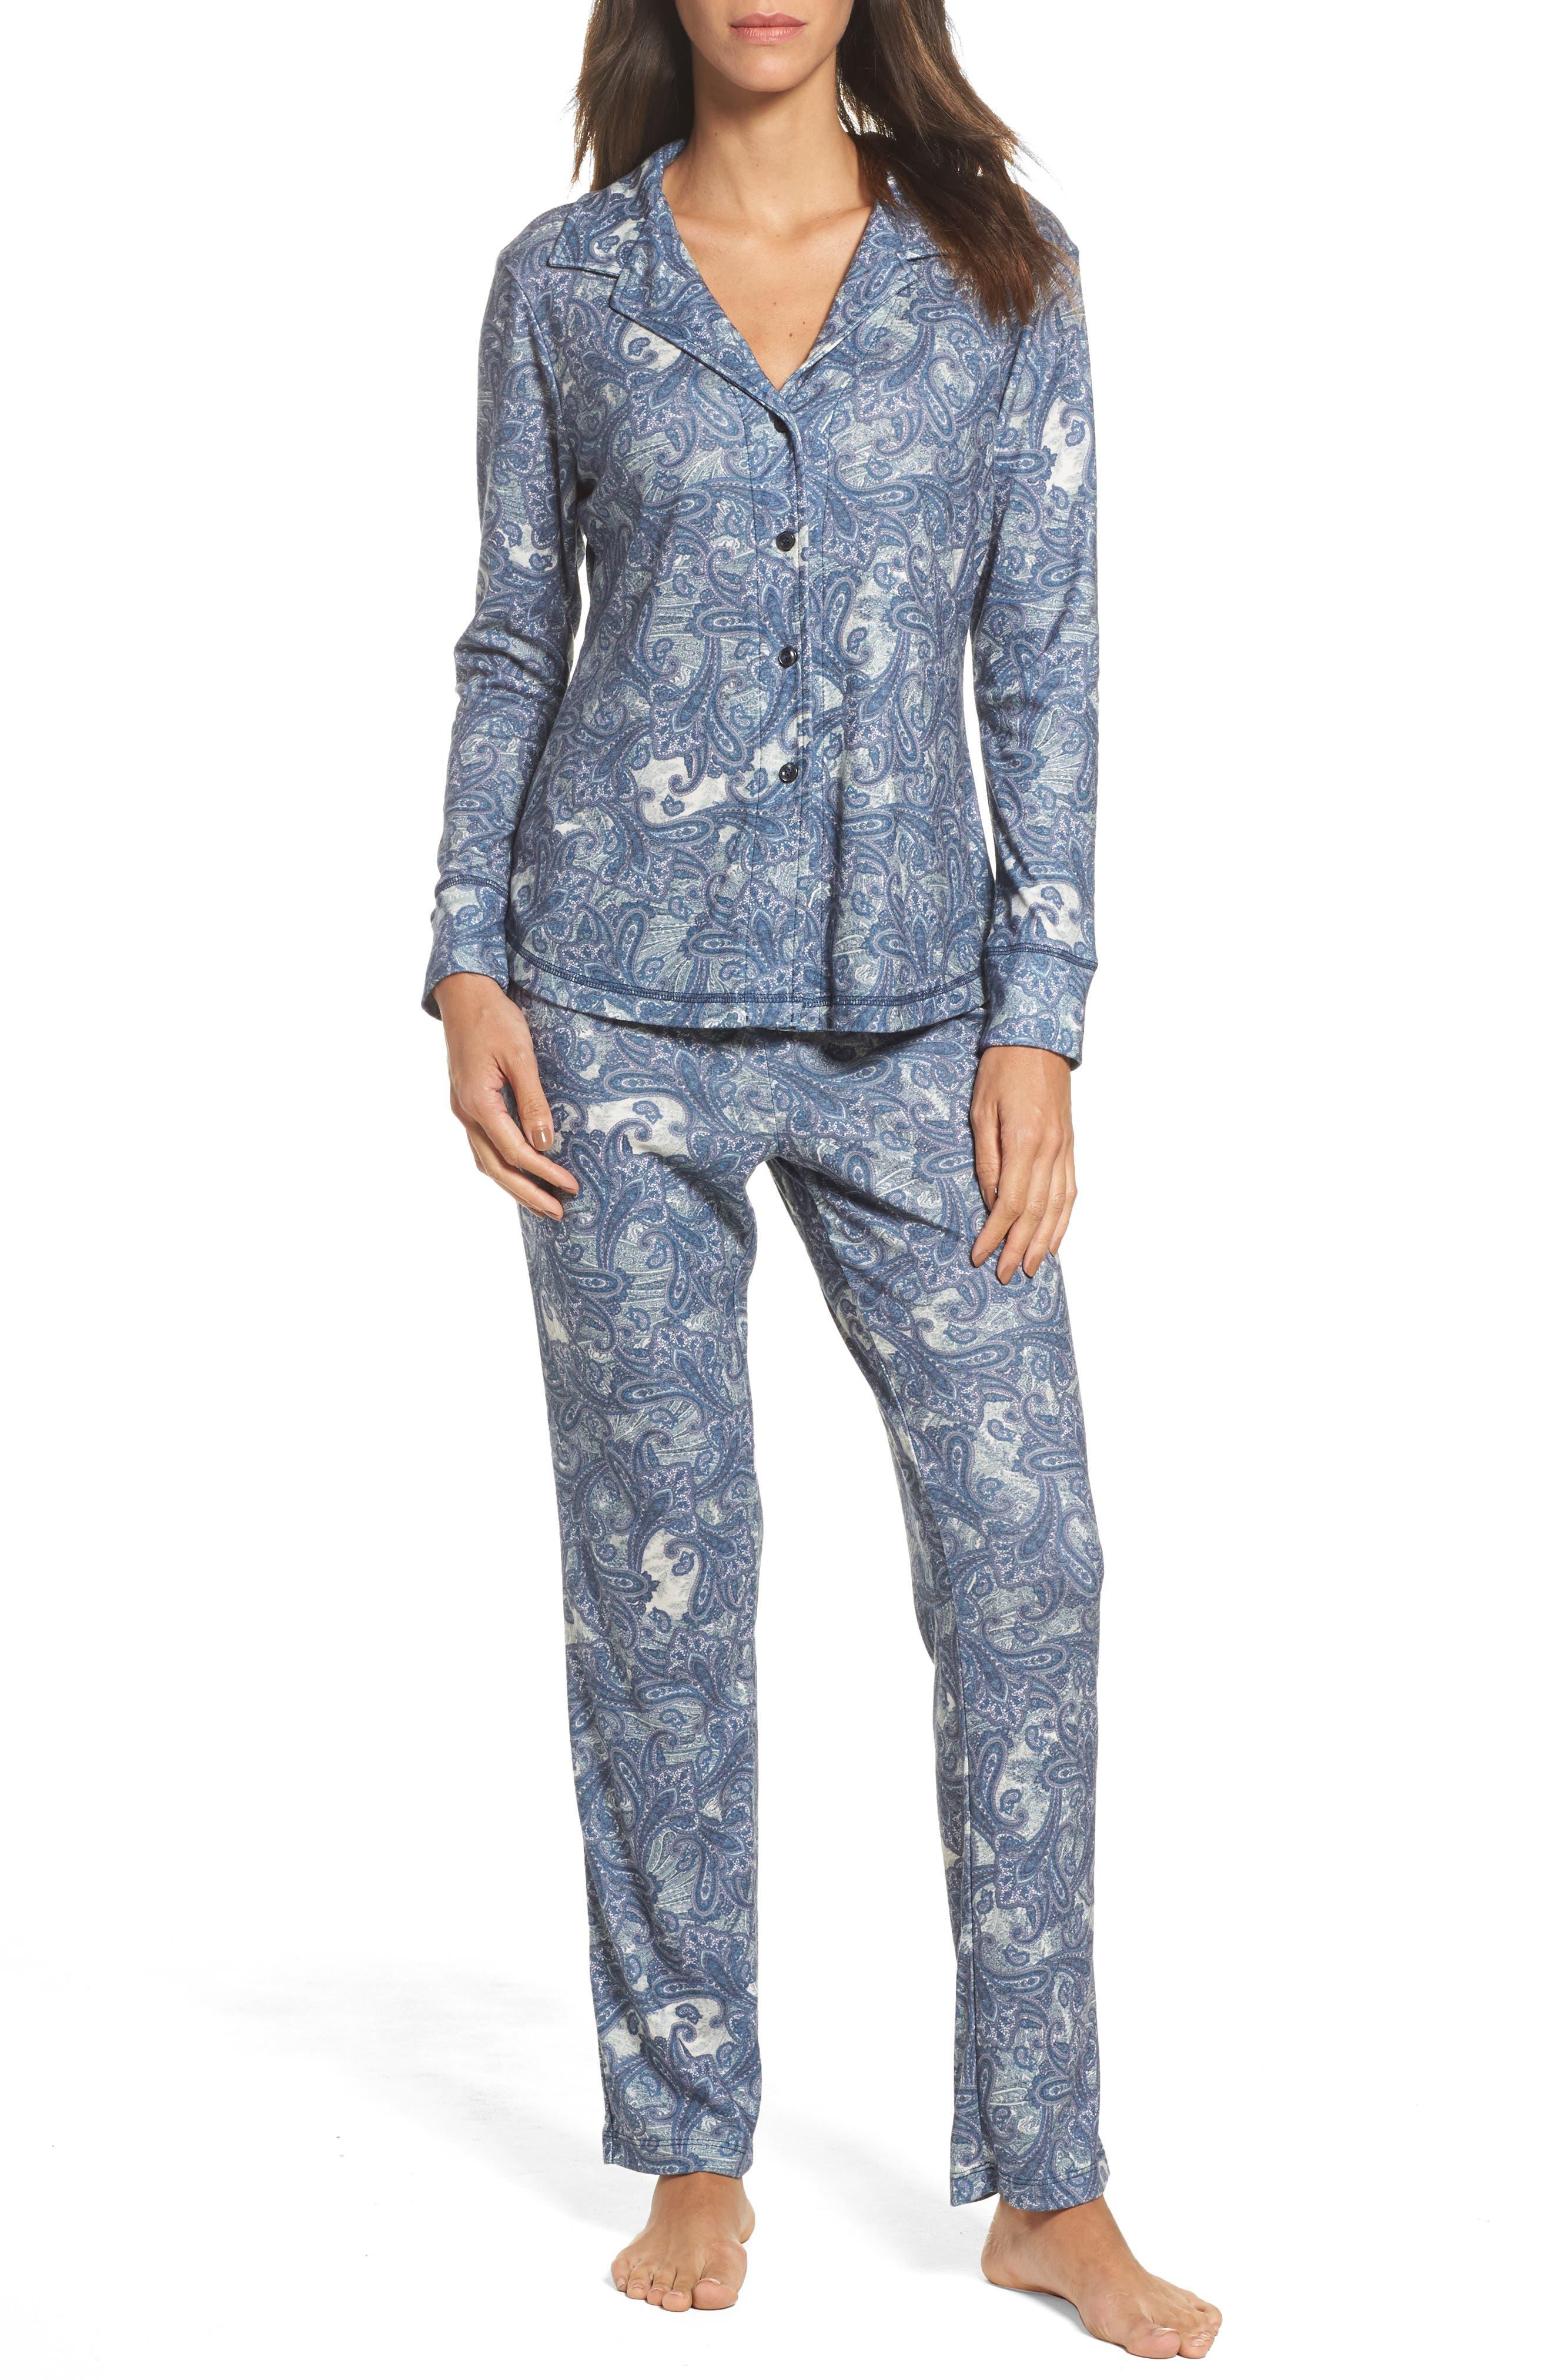 Clara Flannel Pajamas,                             Main thumbnail 1, color,                             400